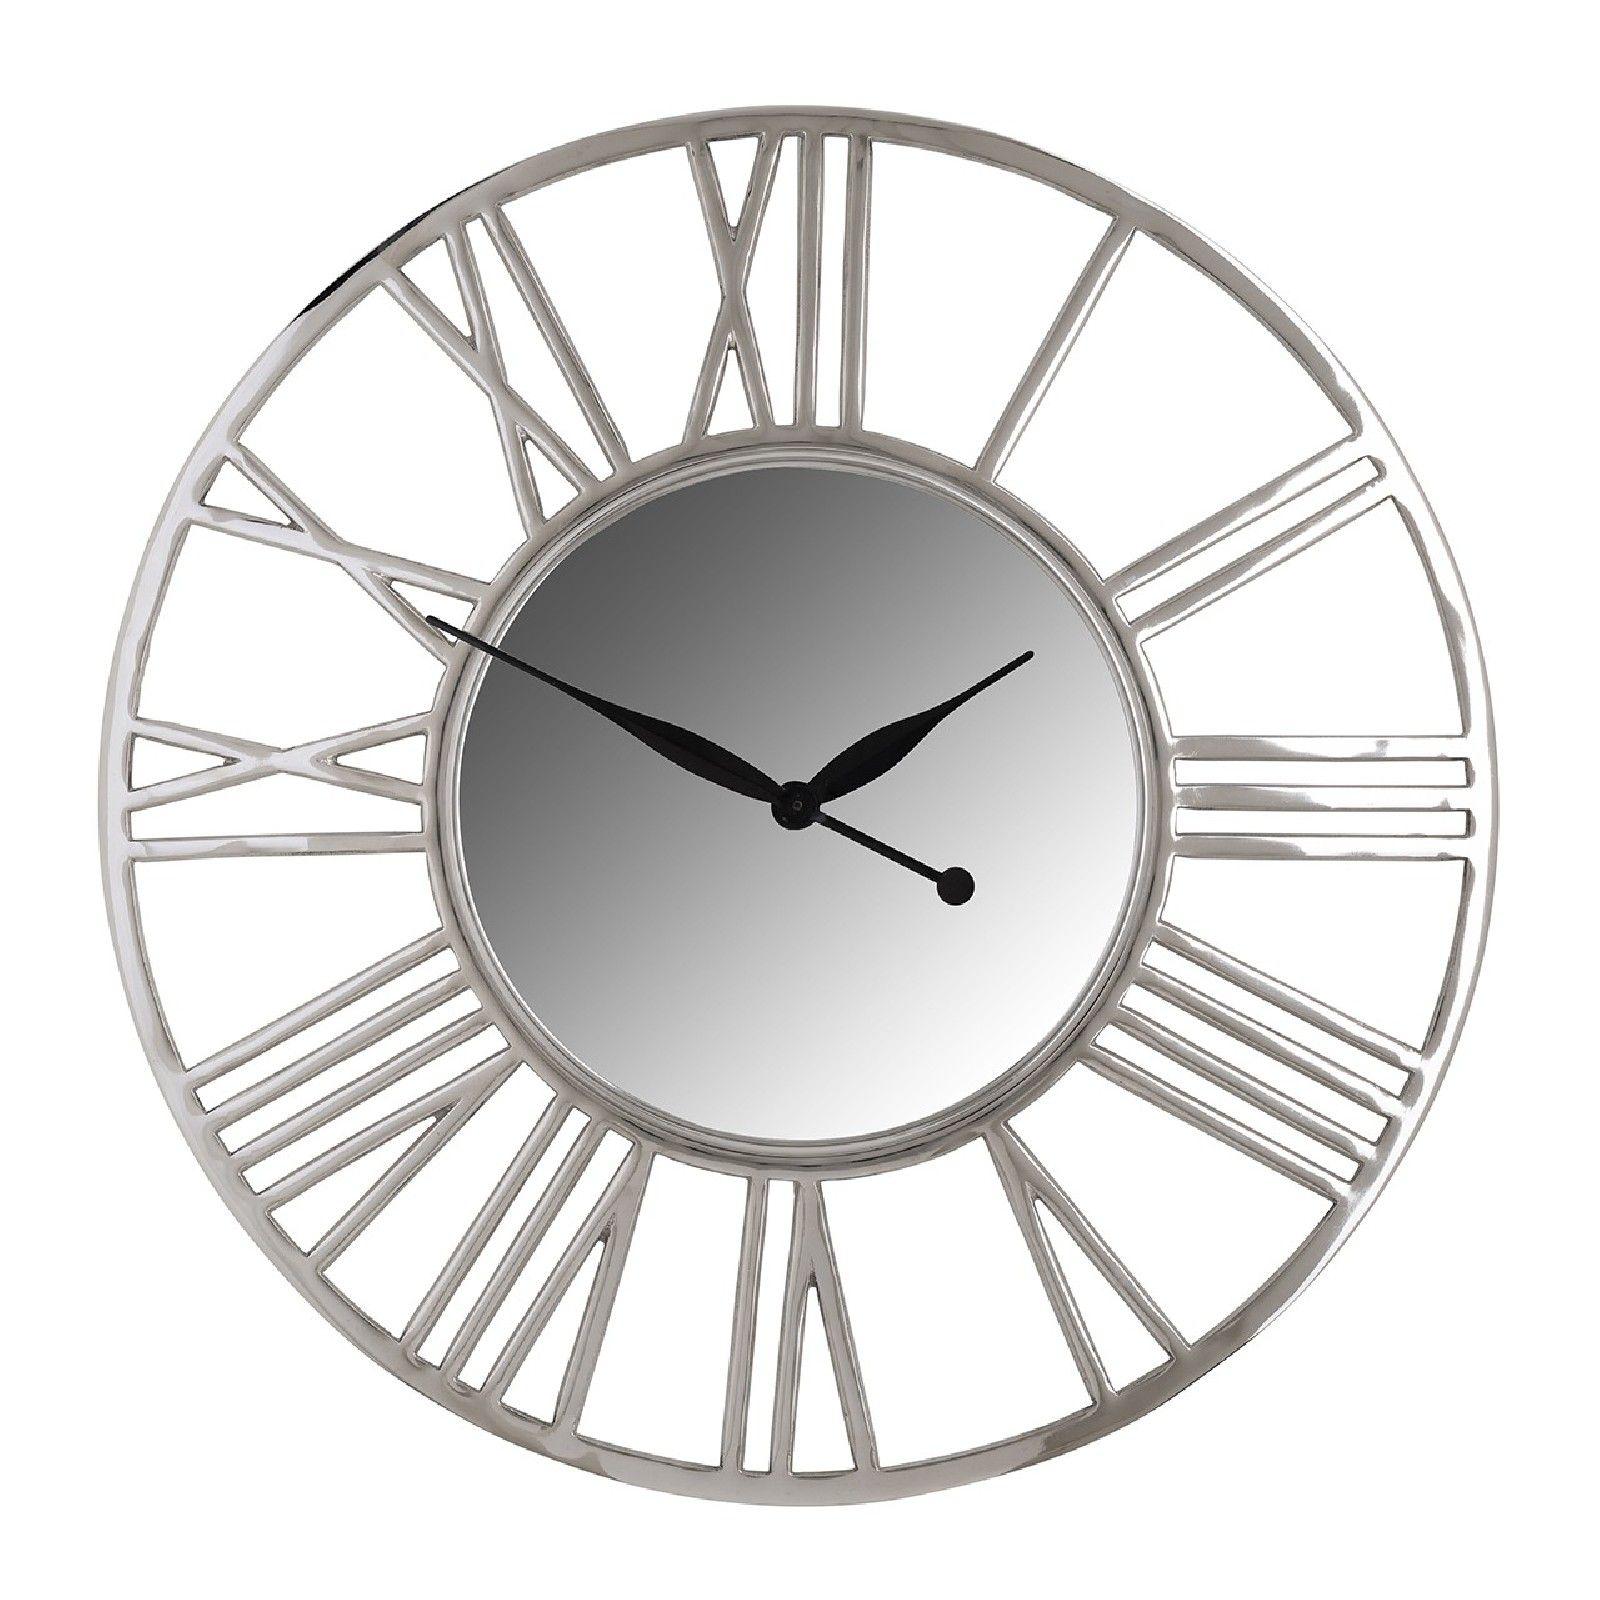 Horloge Danell Horloges murales - 8